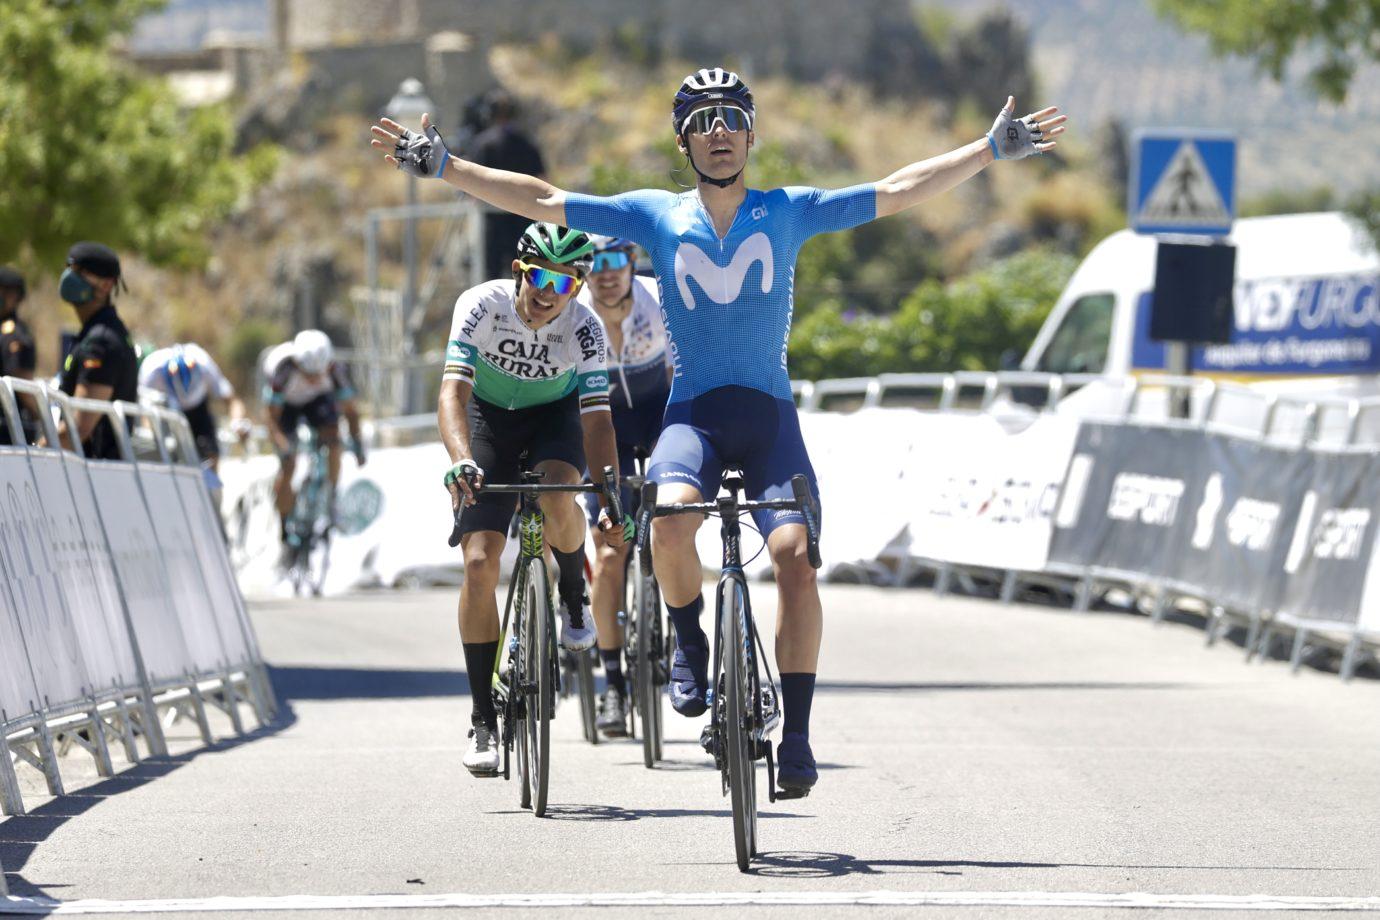 Imagen de la noticia 'Gonzalo Serrano wins Vuelta a Andalucía stage one'